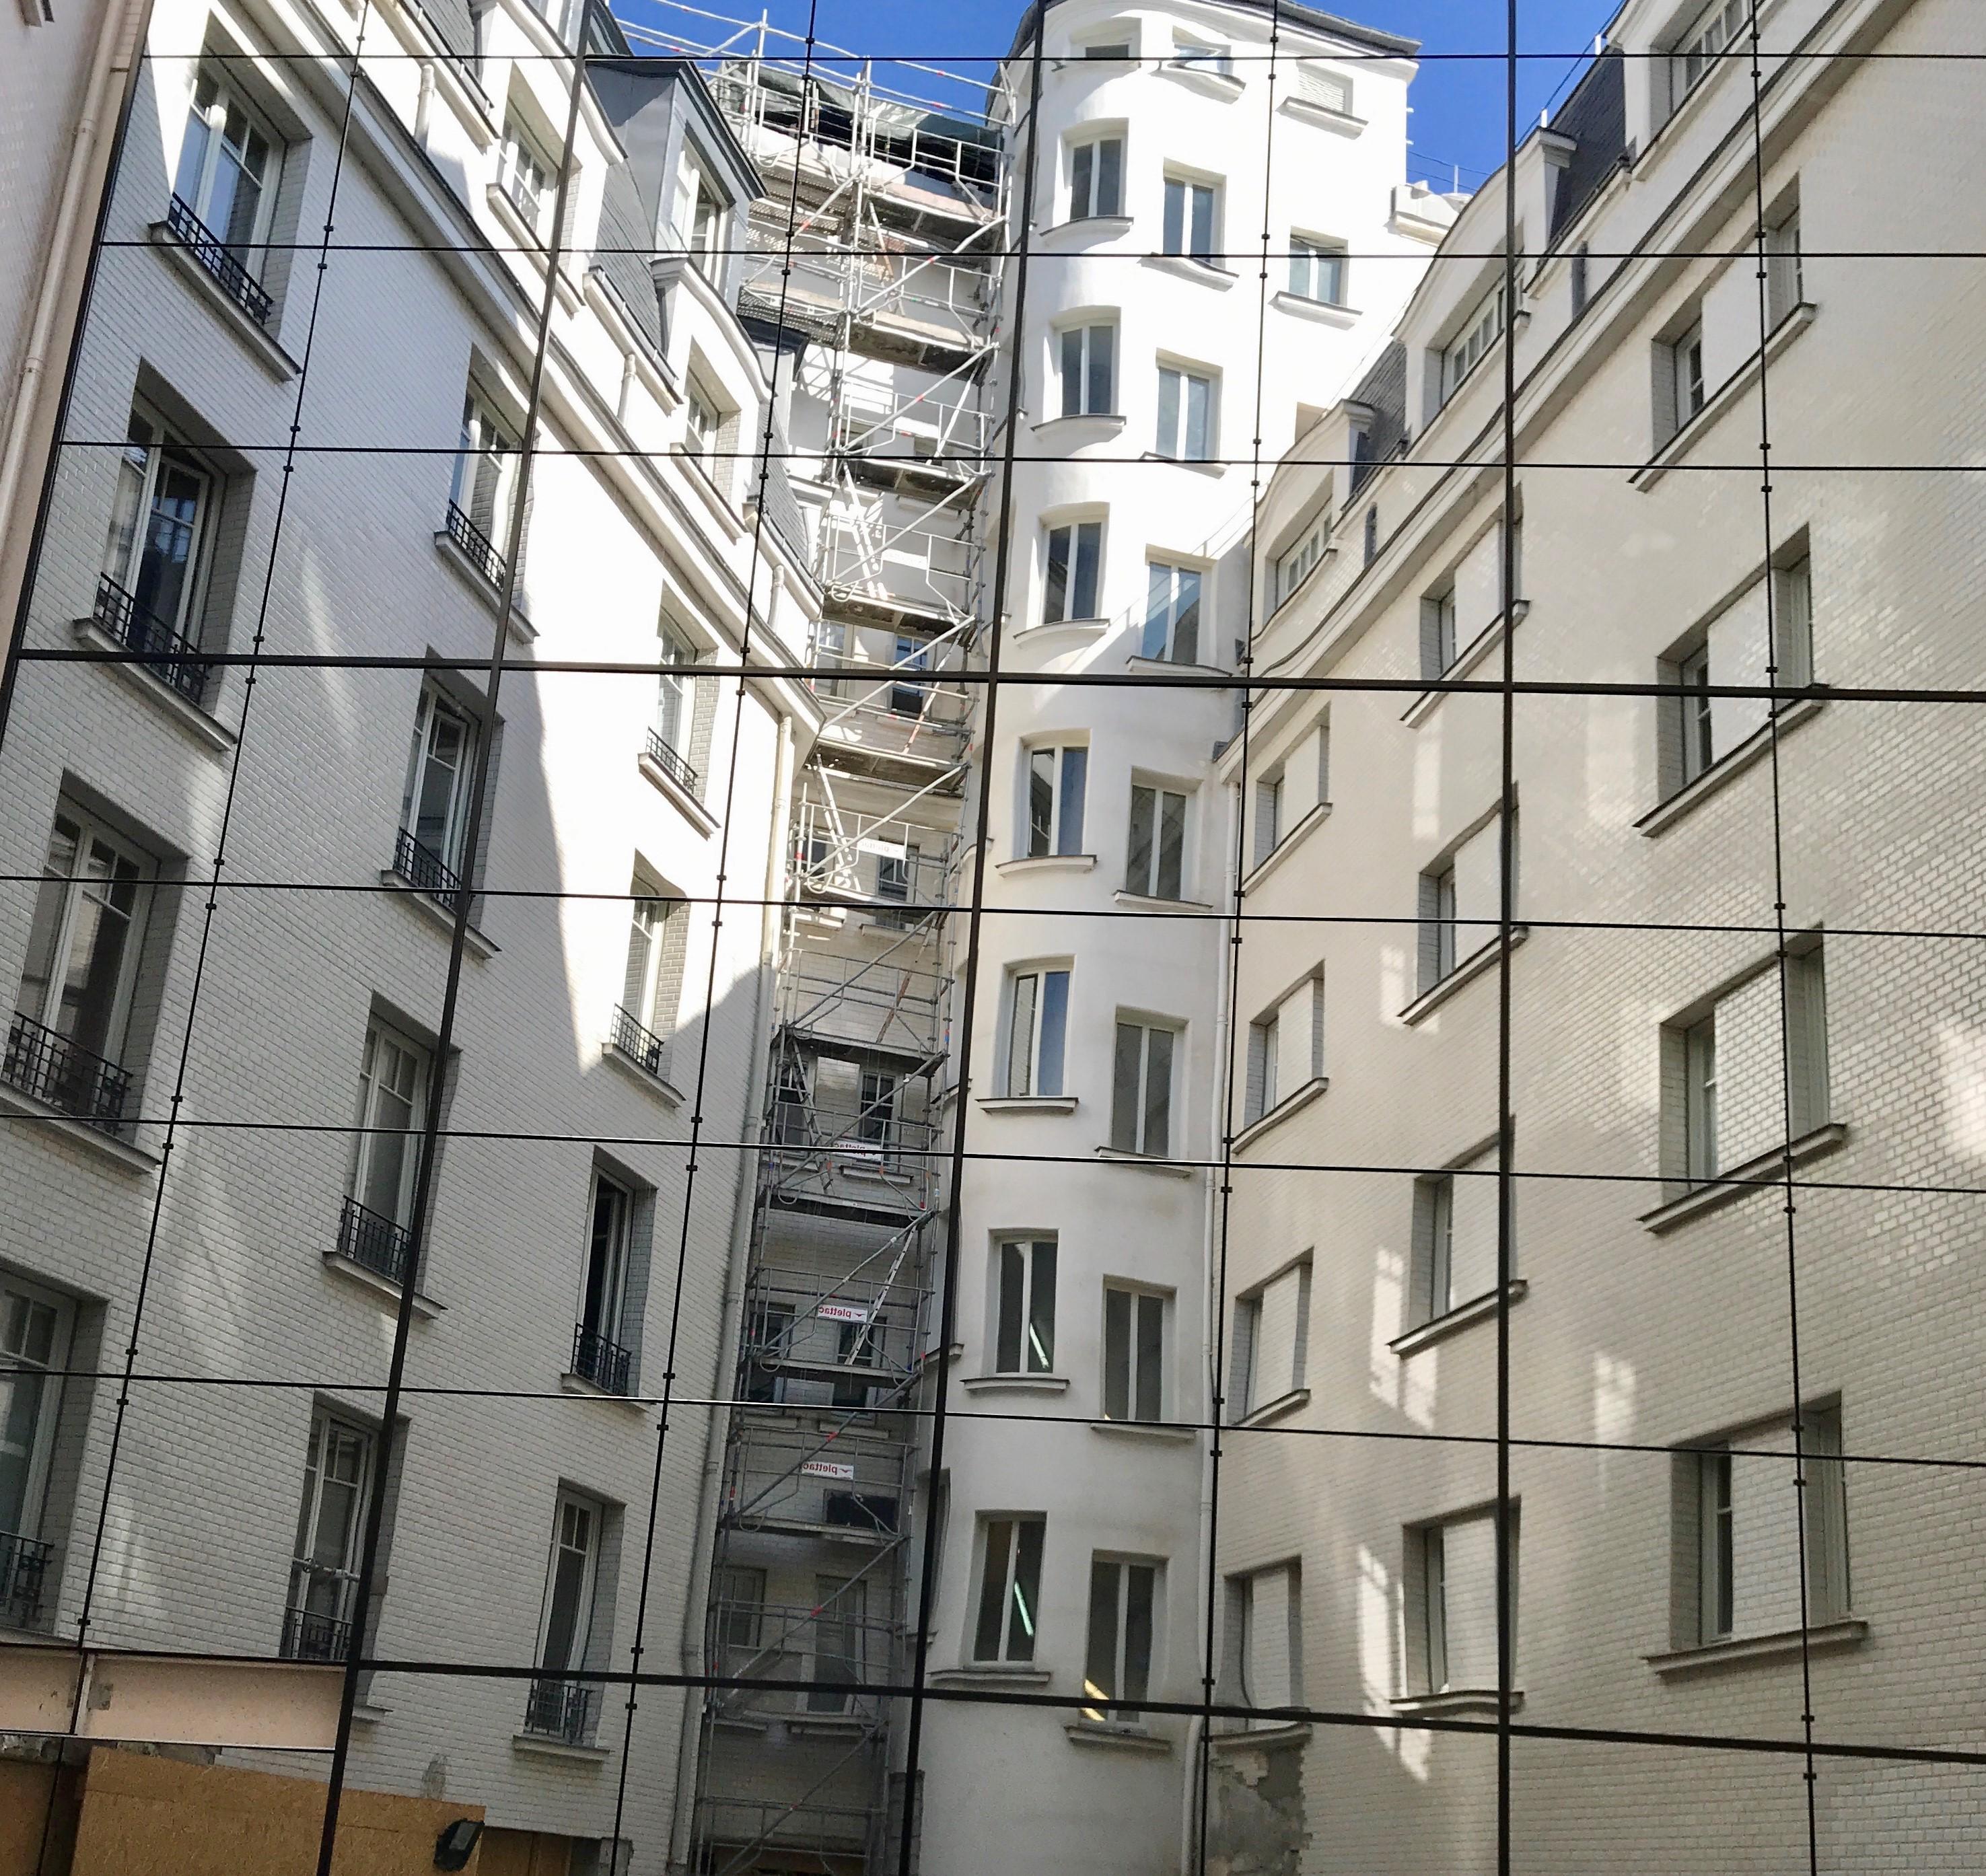 Hotel Spa 5* Lutetia - Paris 6